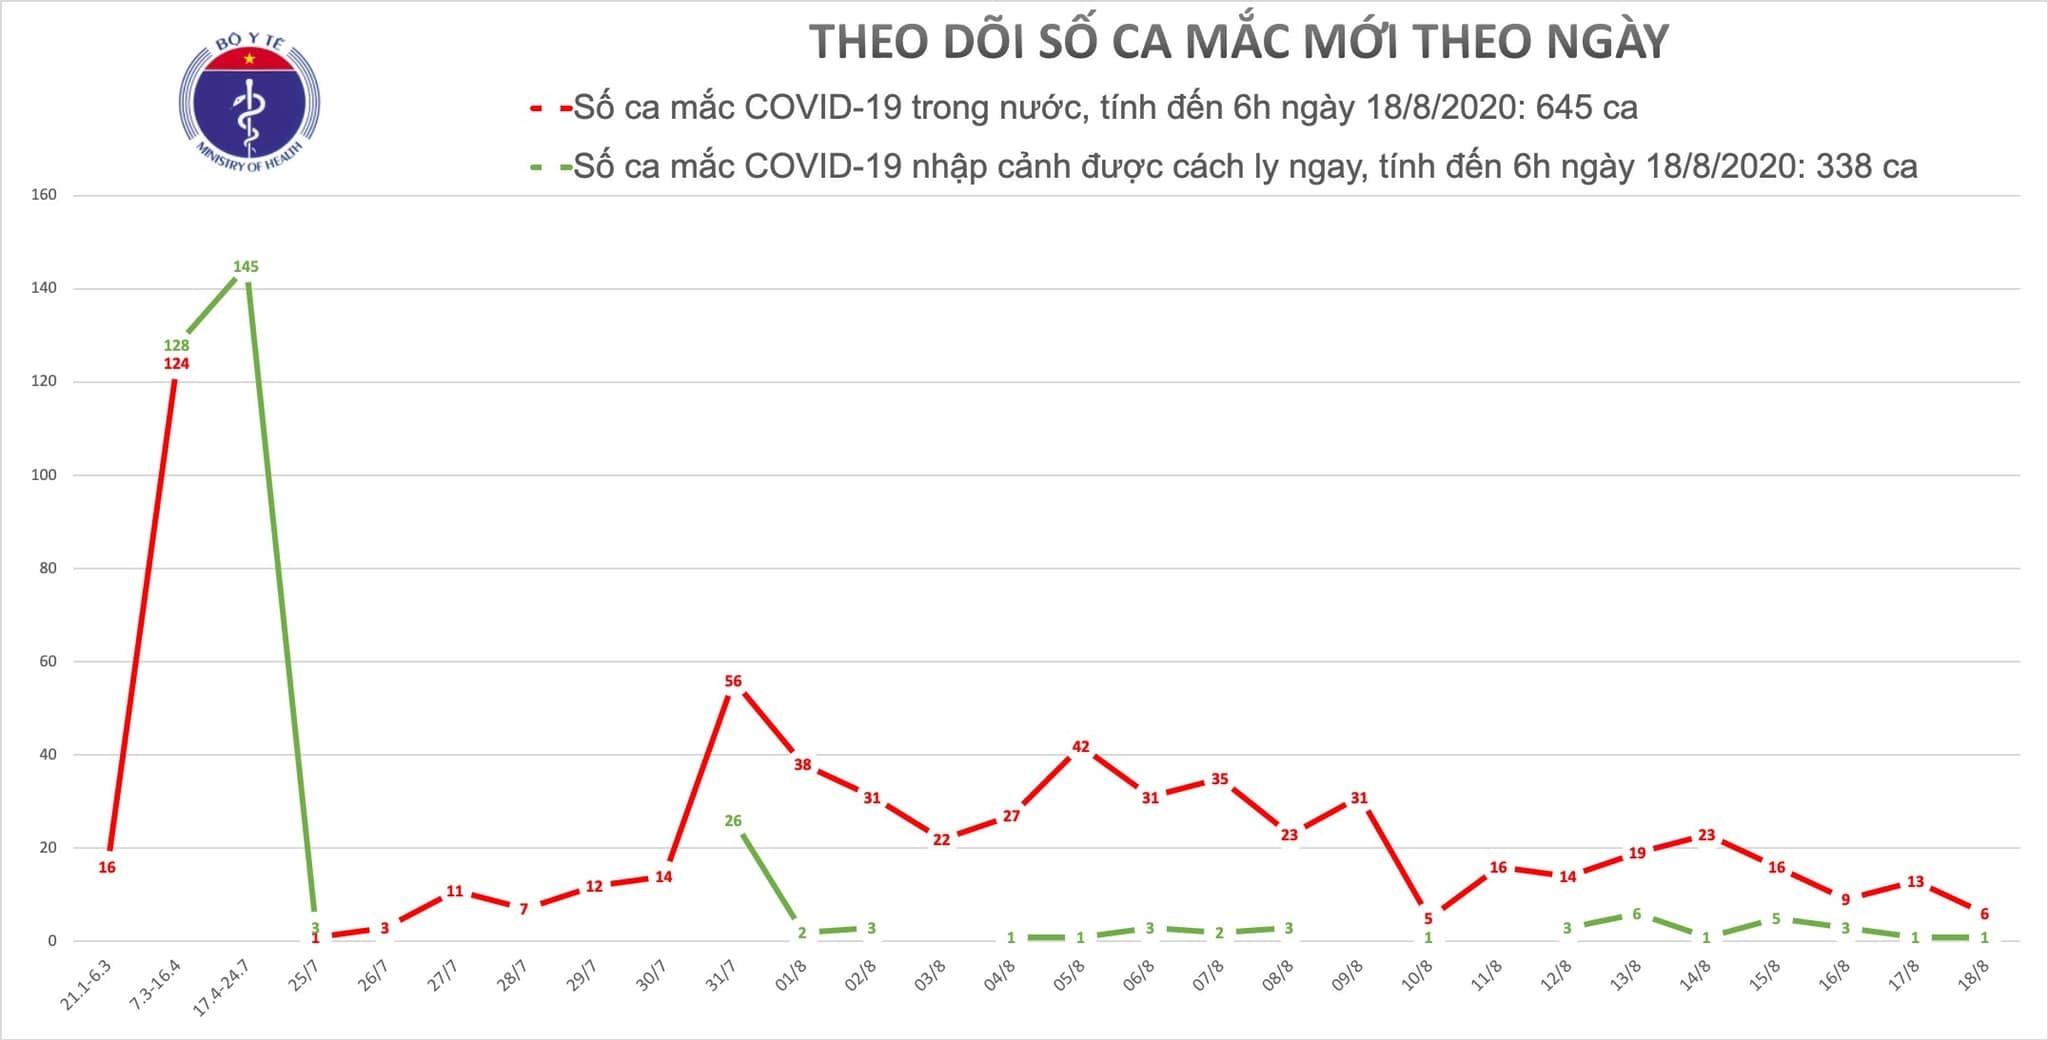 Thêm 7 ca Covid-19, có 1 ca ở Hà Nội, 2 ca ở Hải Dương